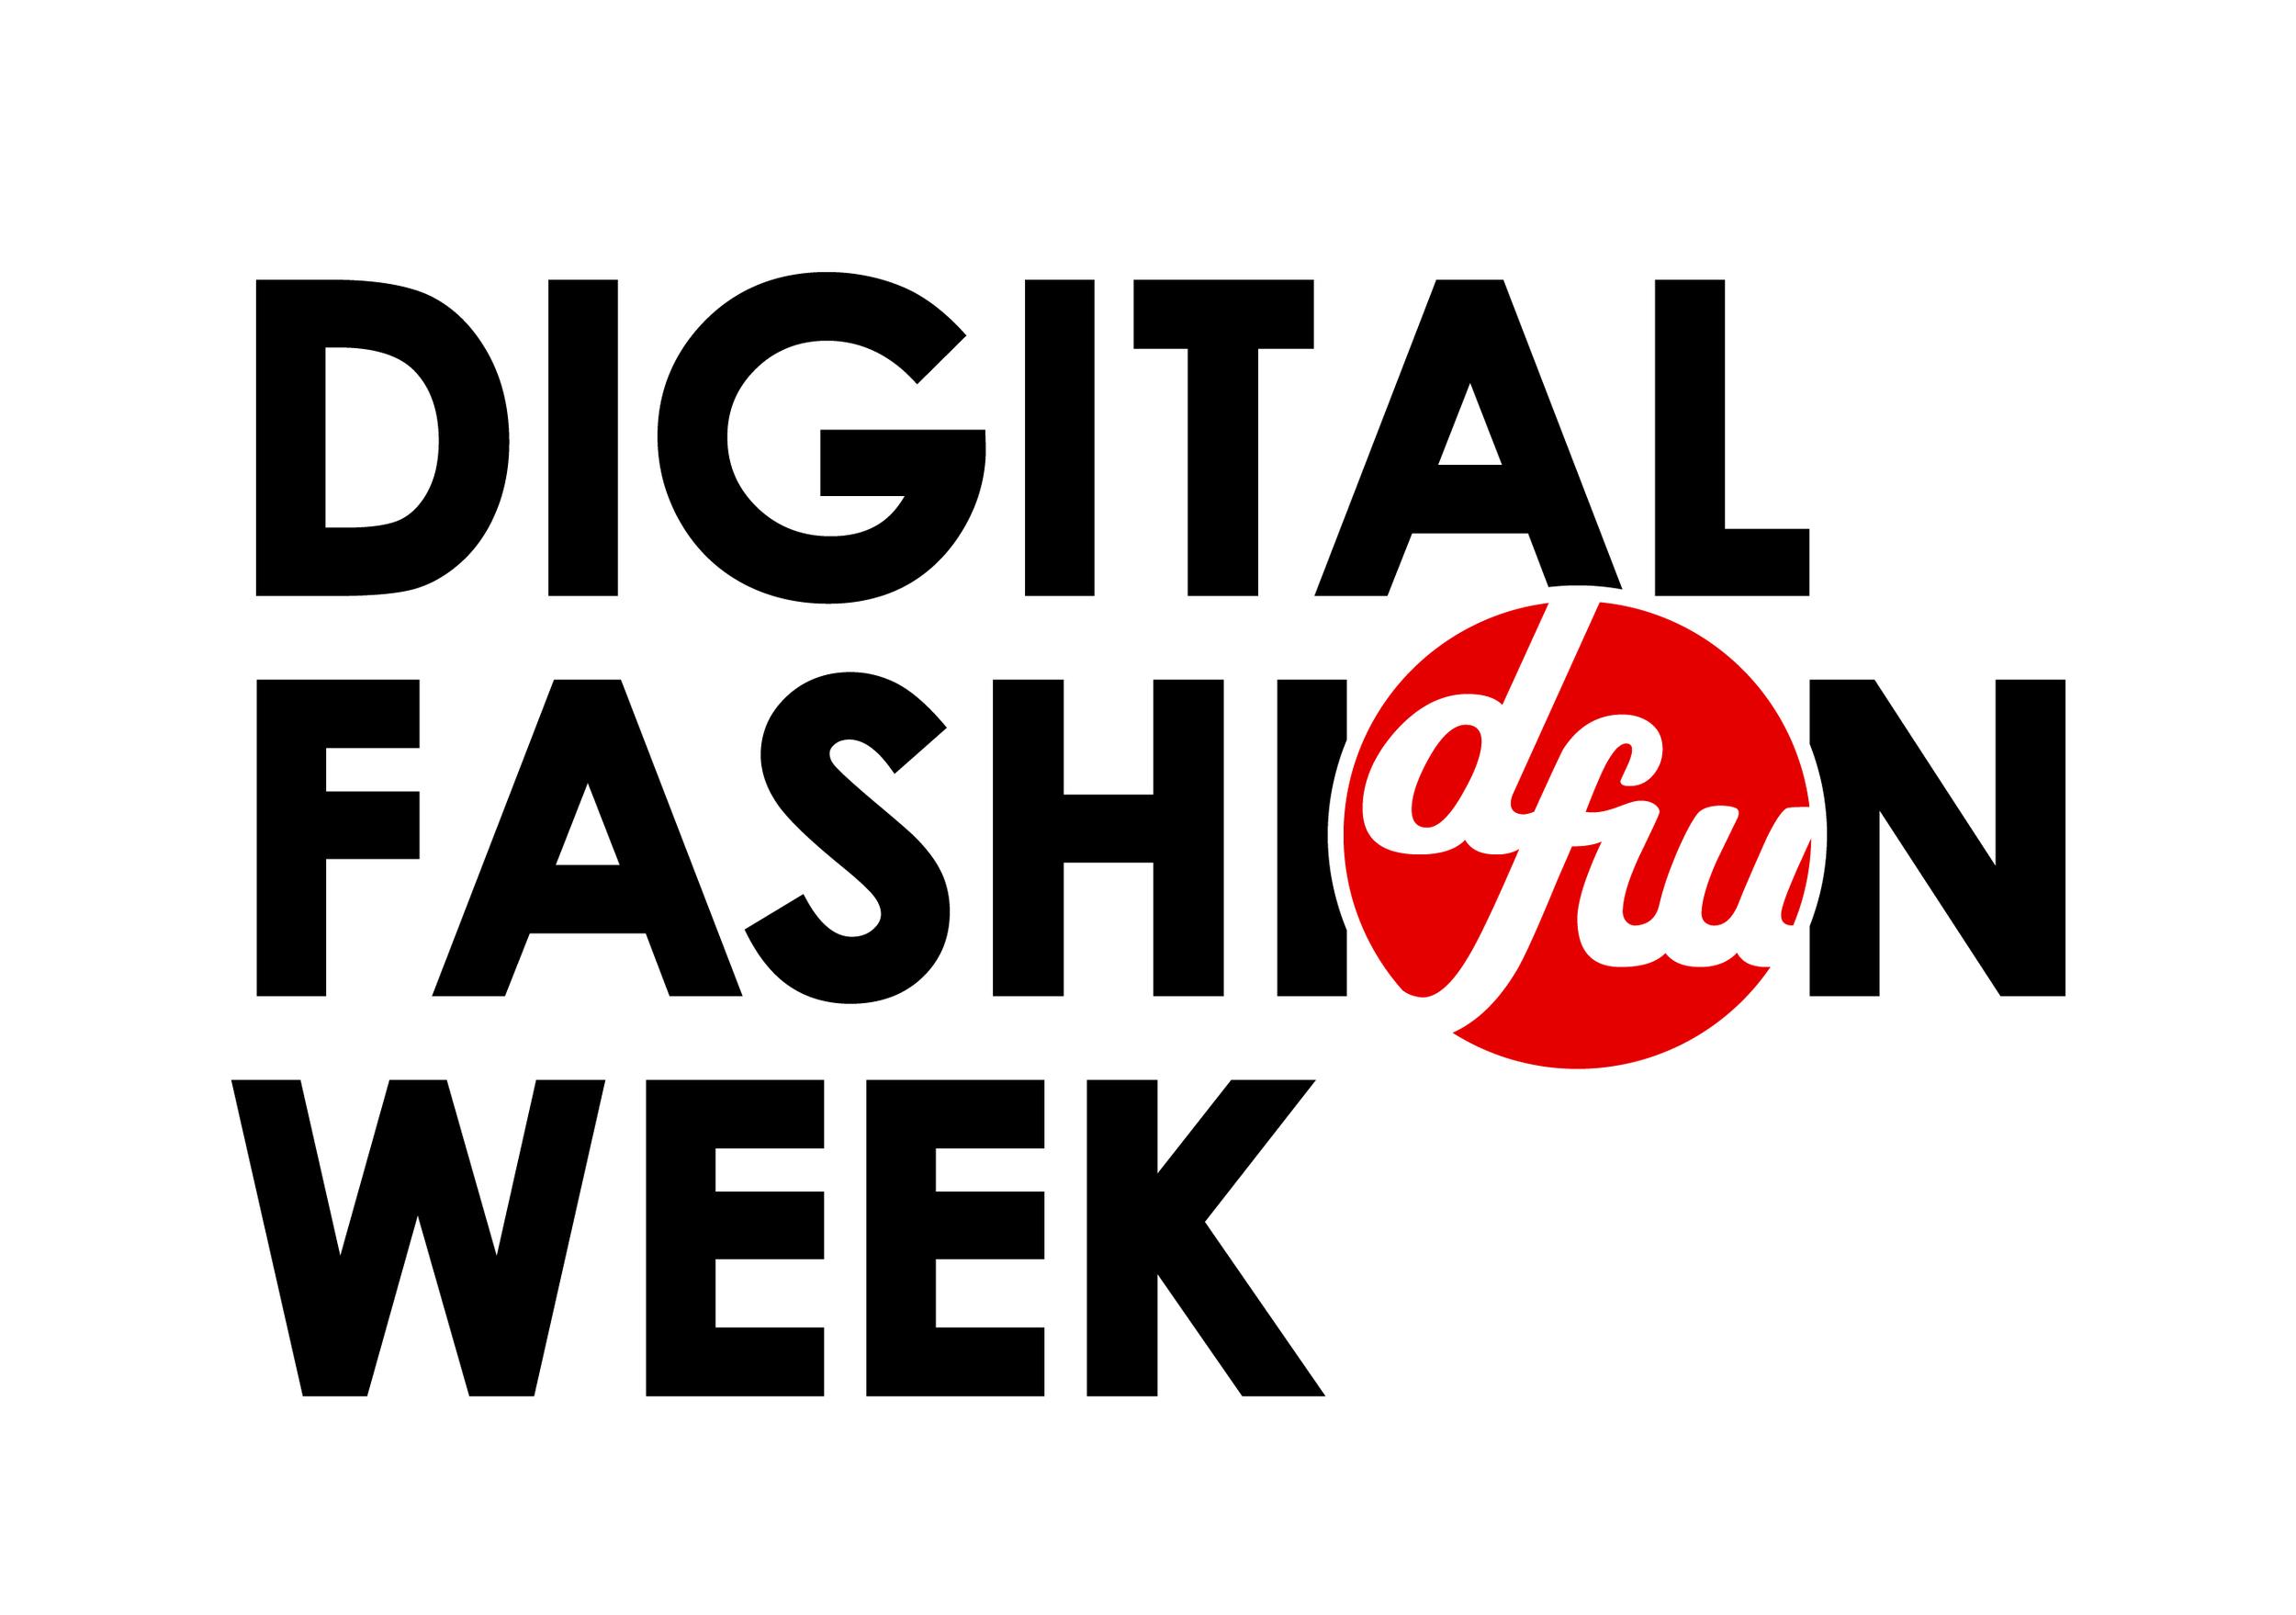 {Image Courtesy of Digital Fashion Week}